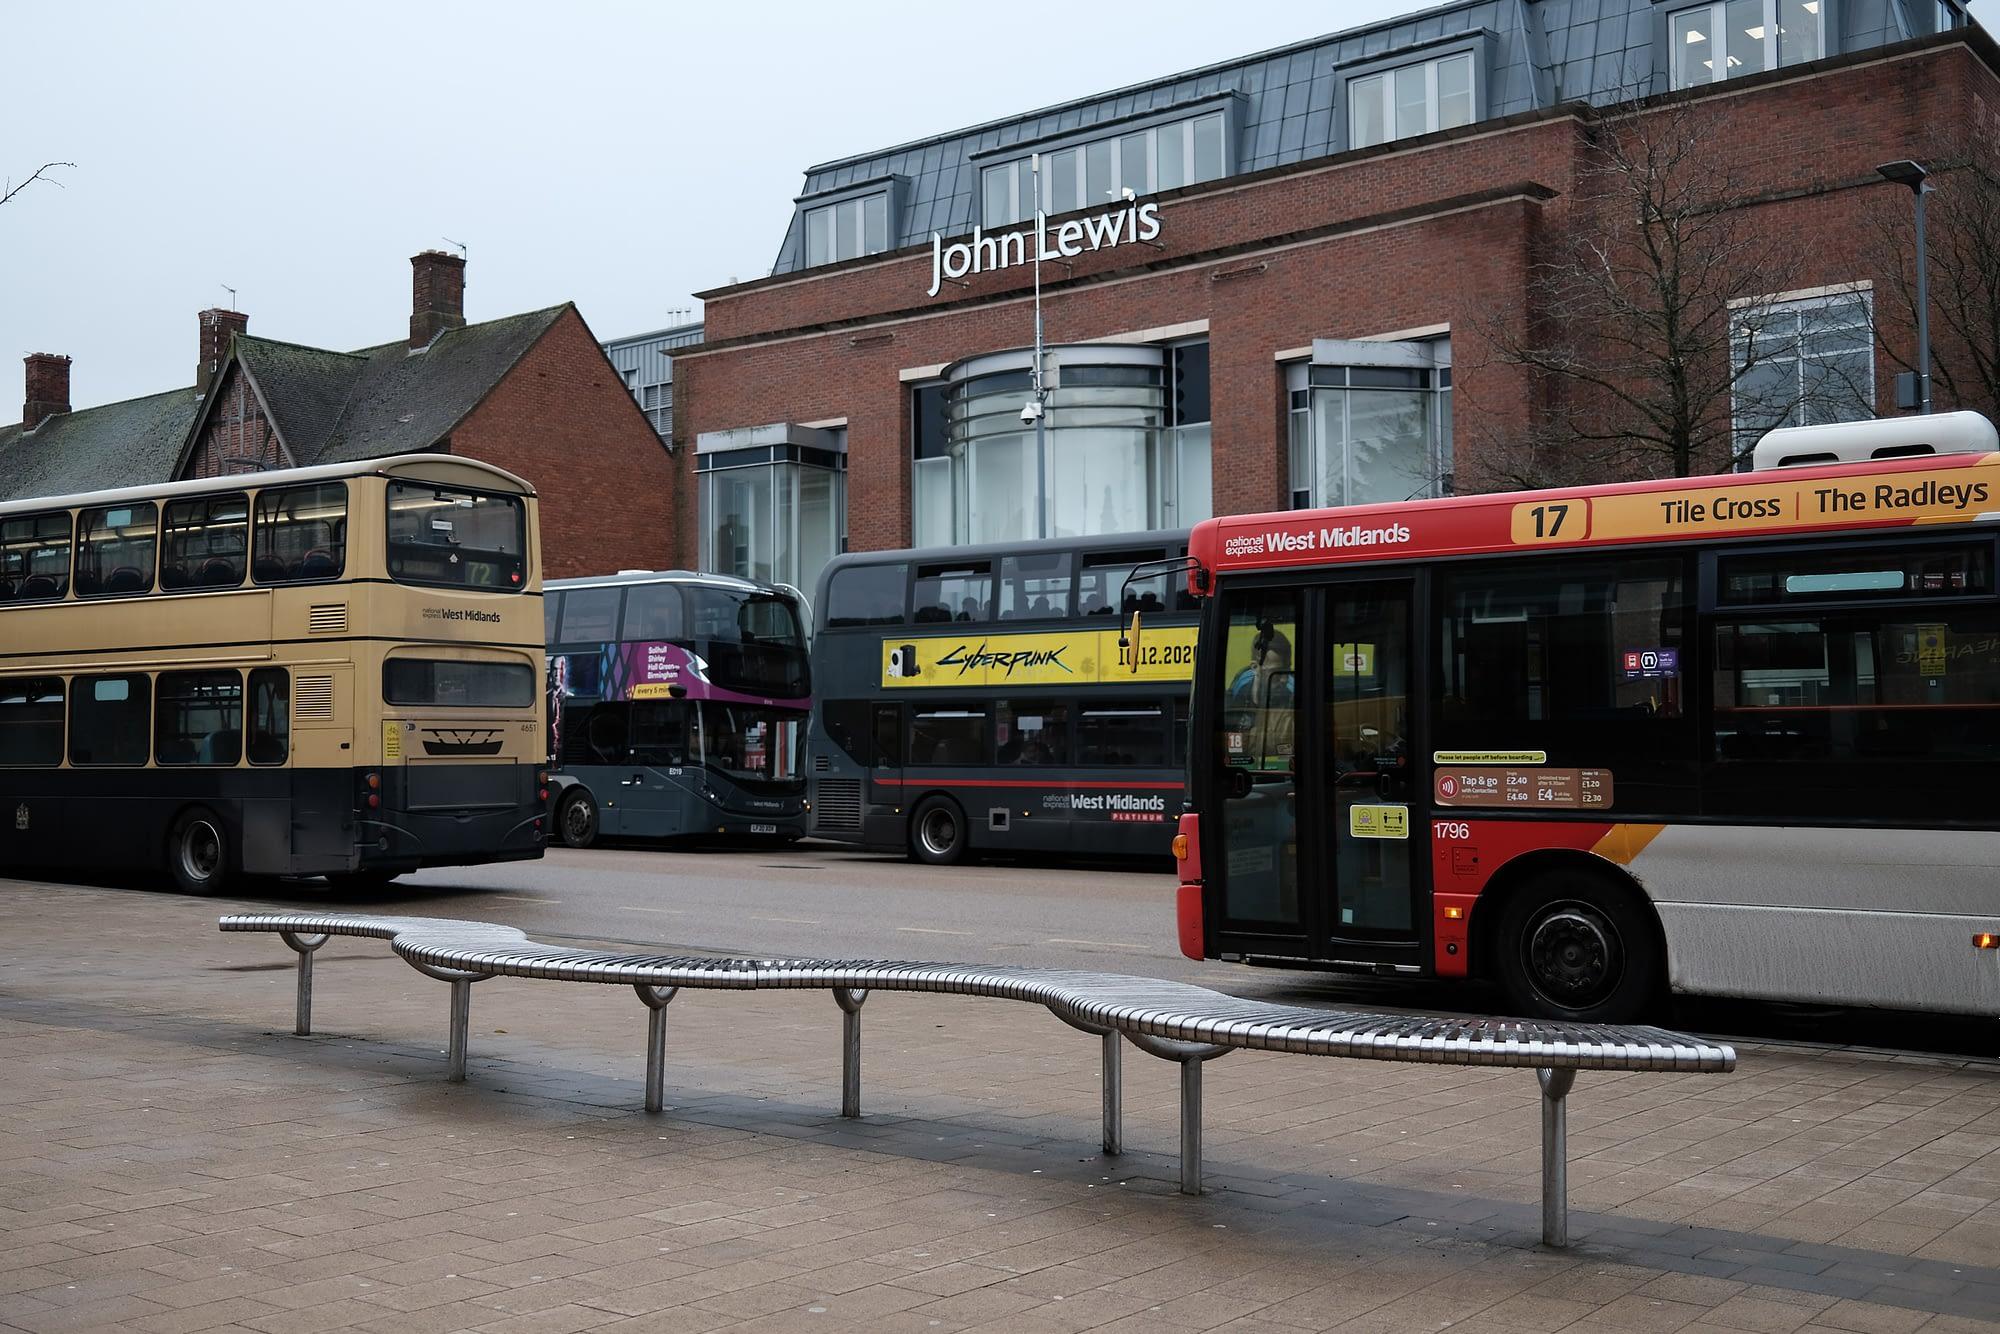 Buses everywhere